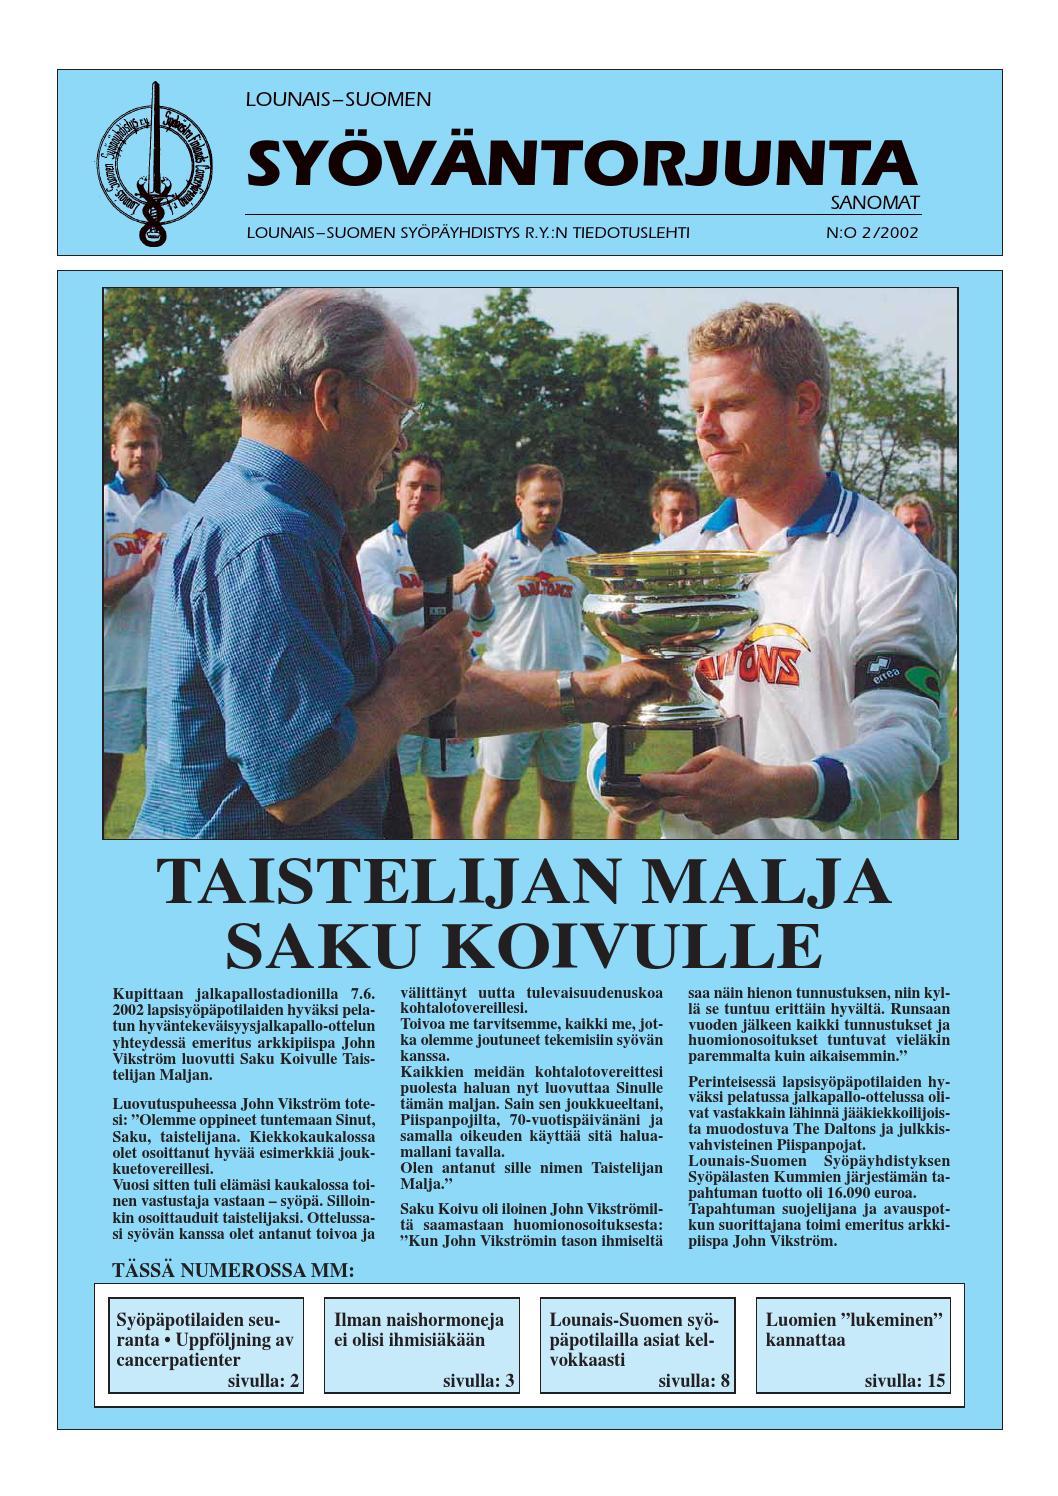 Lounais-Suomen Syöväntorjuntasanomat 2 2002 by Lounais-Suomen Syöpäyhdistys - Issuu